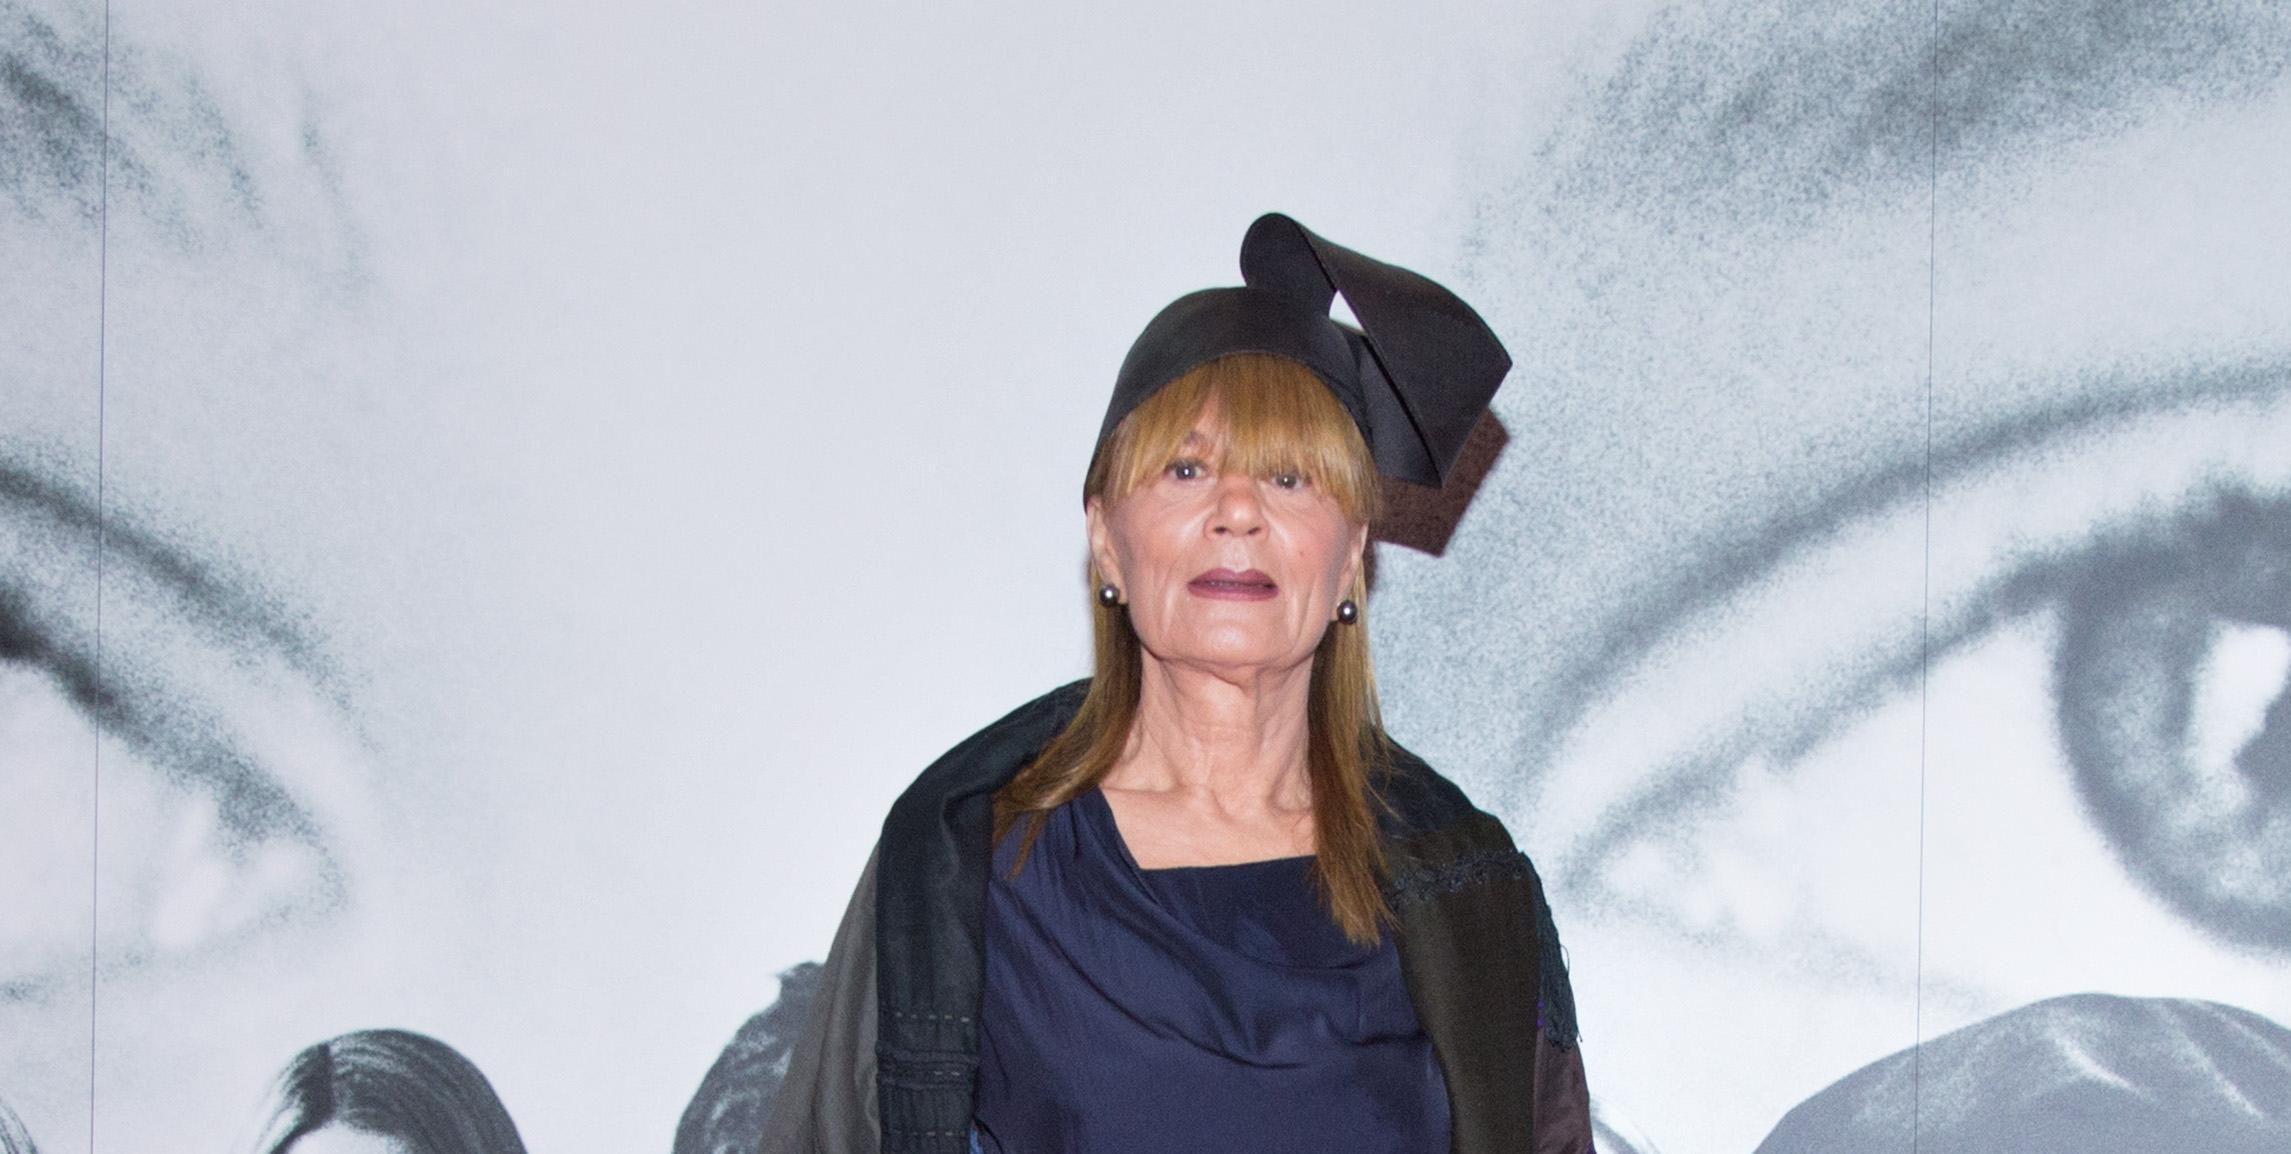 Đurđa Tedeschi ikona je stila i u sedmom desetljeću života